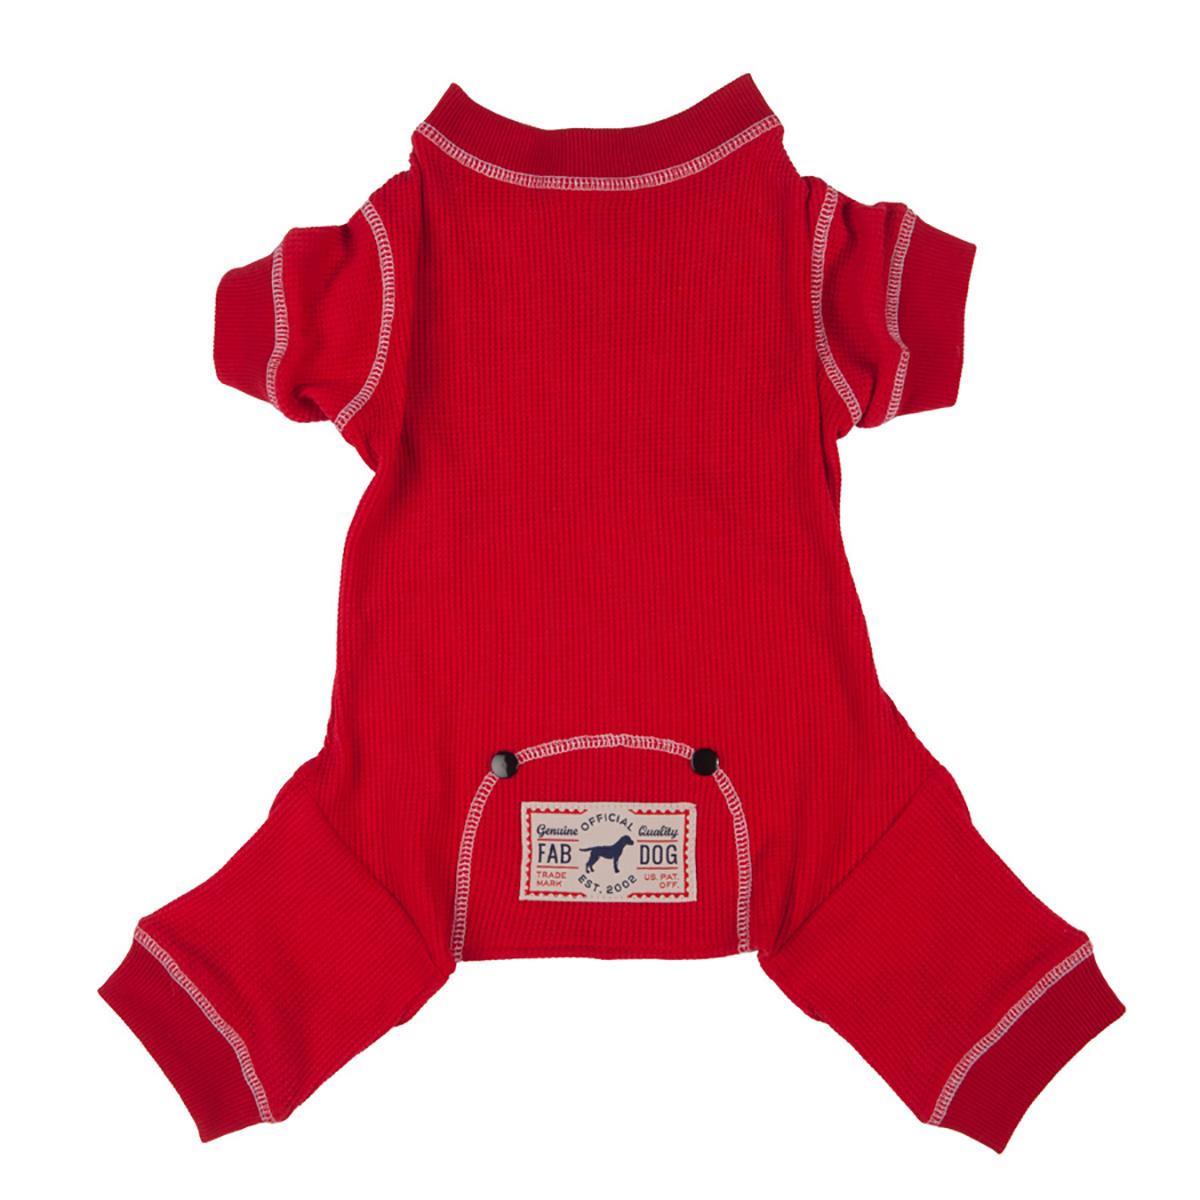 fabdog® Thermal Dog Pajamas - Red